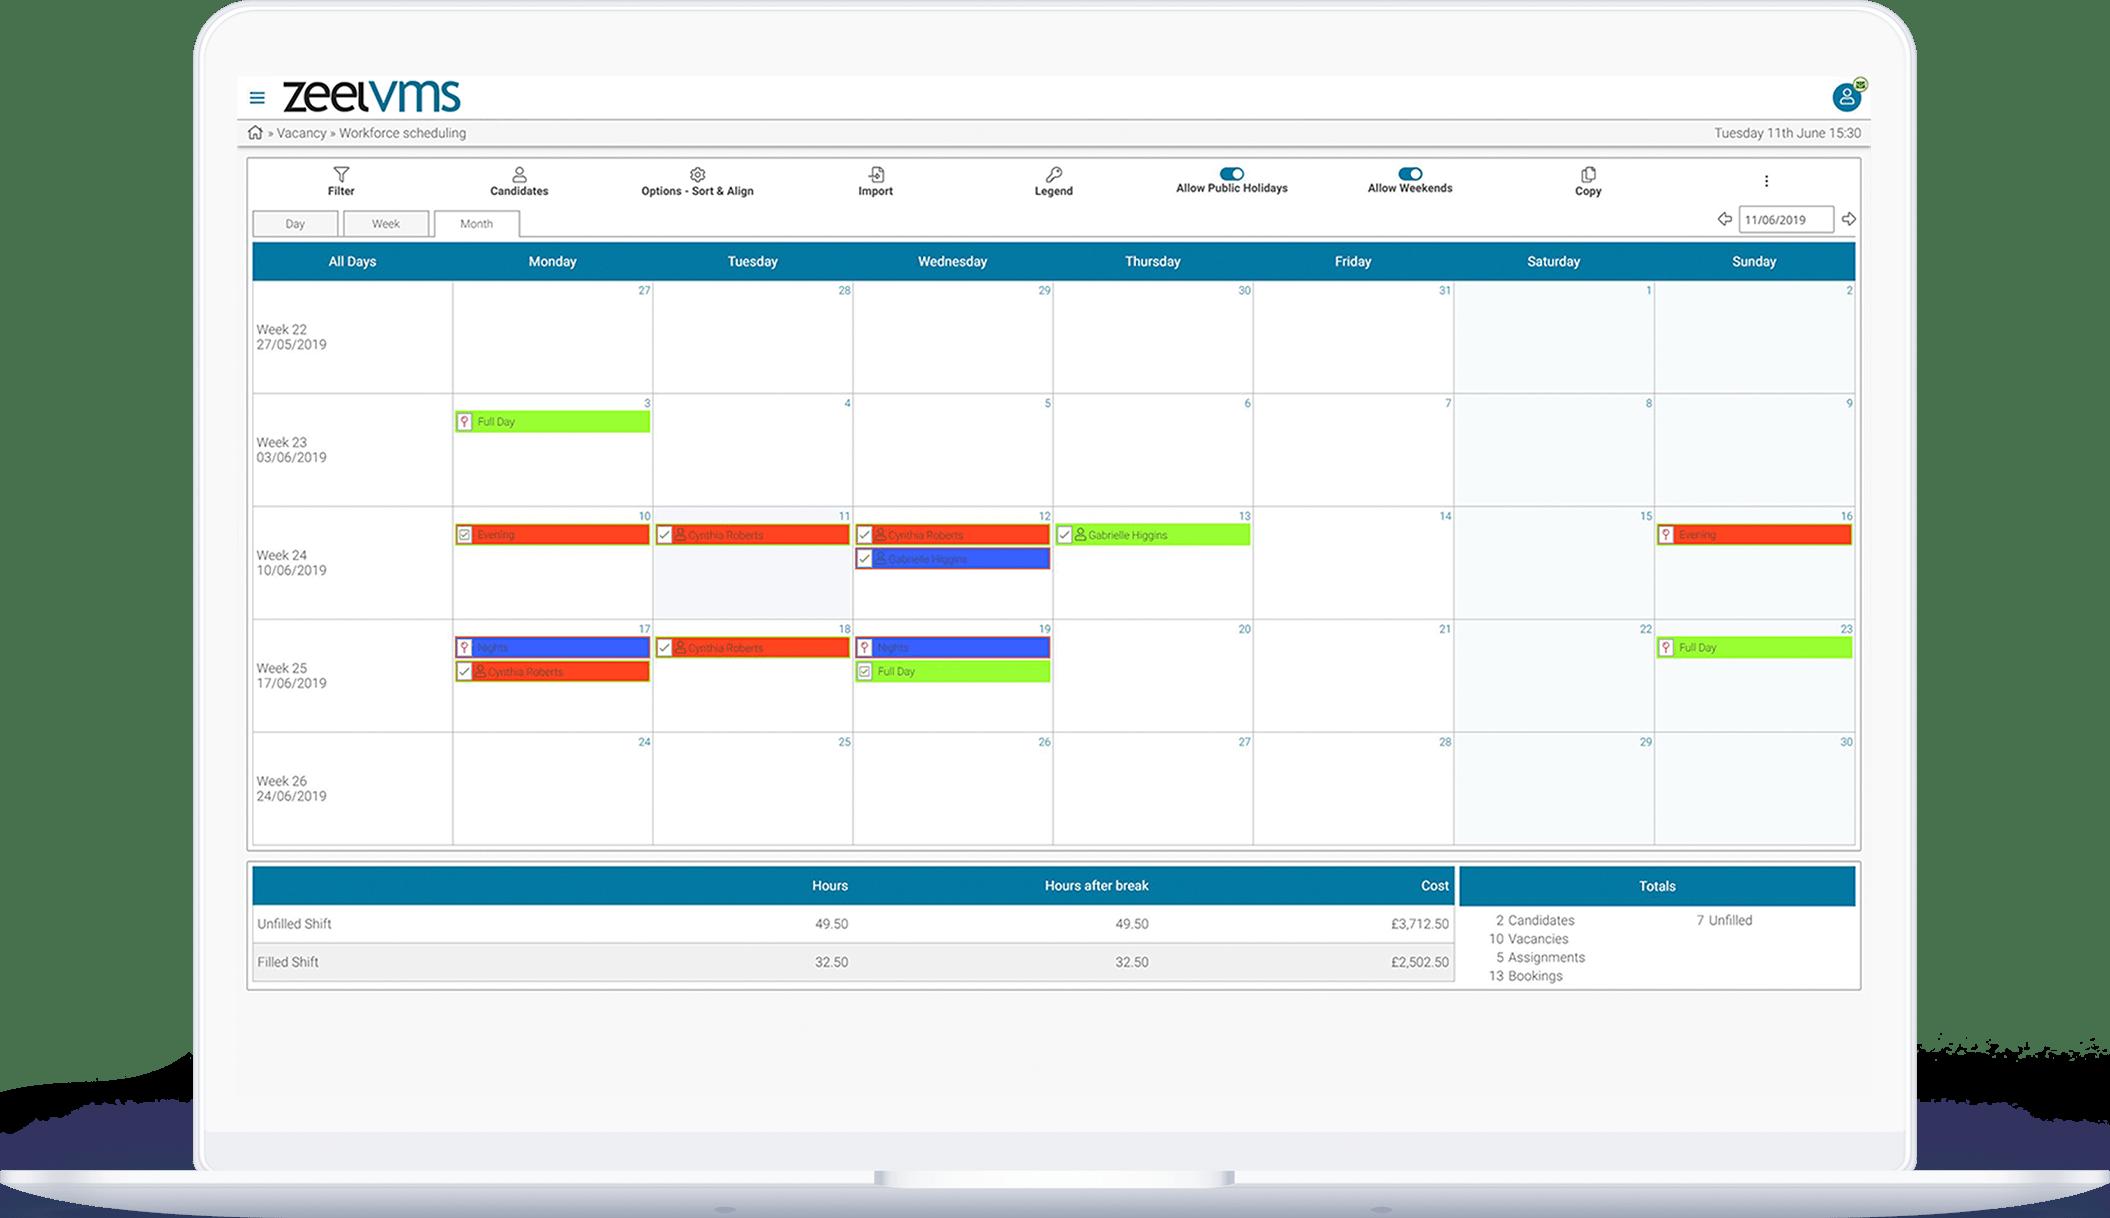 VMS workforce scheduling